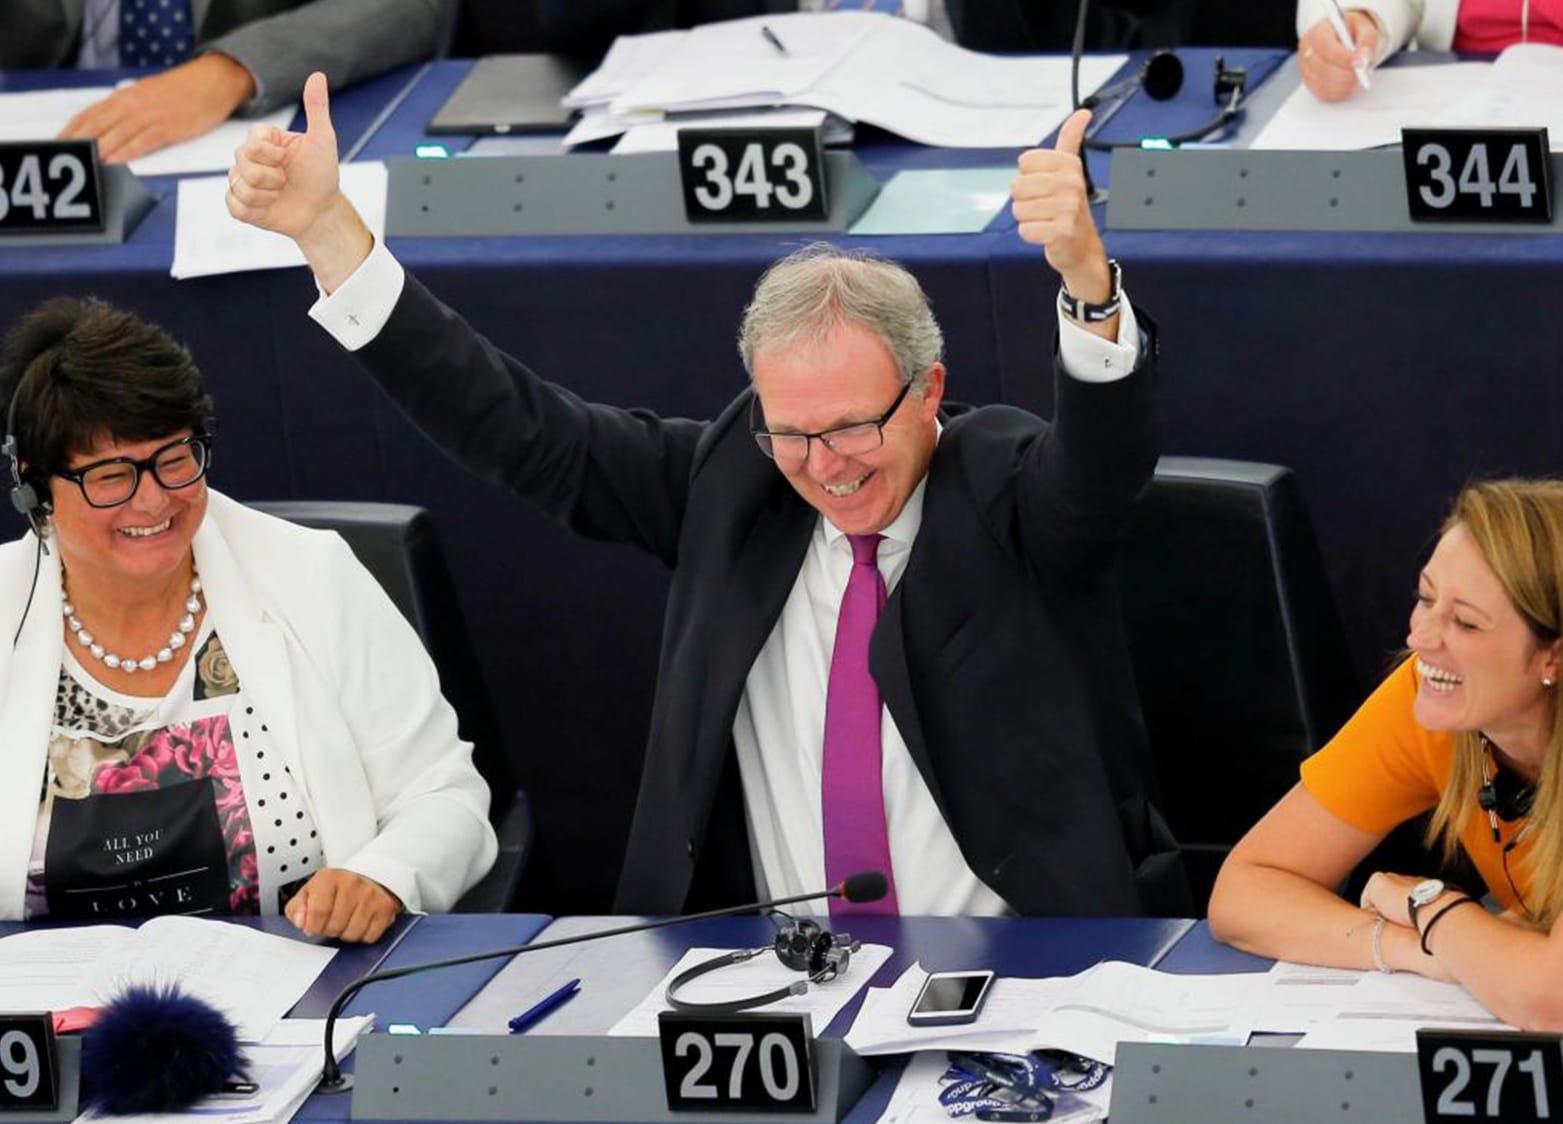 La soddisfazione della comunità europea per una legge sul copyright che forse avvantaggerà le grosse case editrici a discapito delle piccole realtà